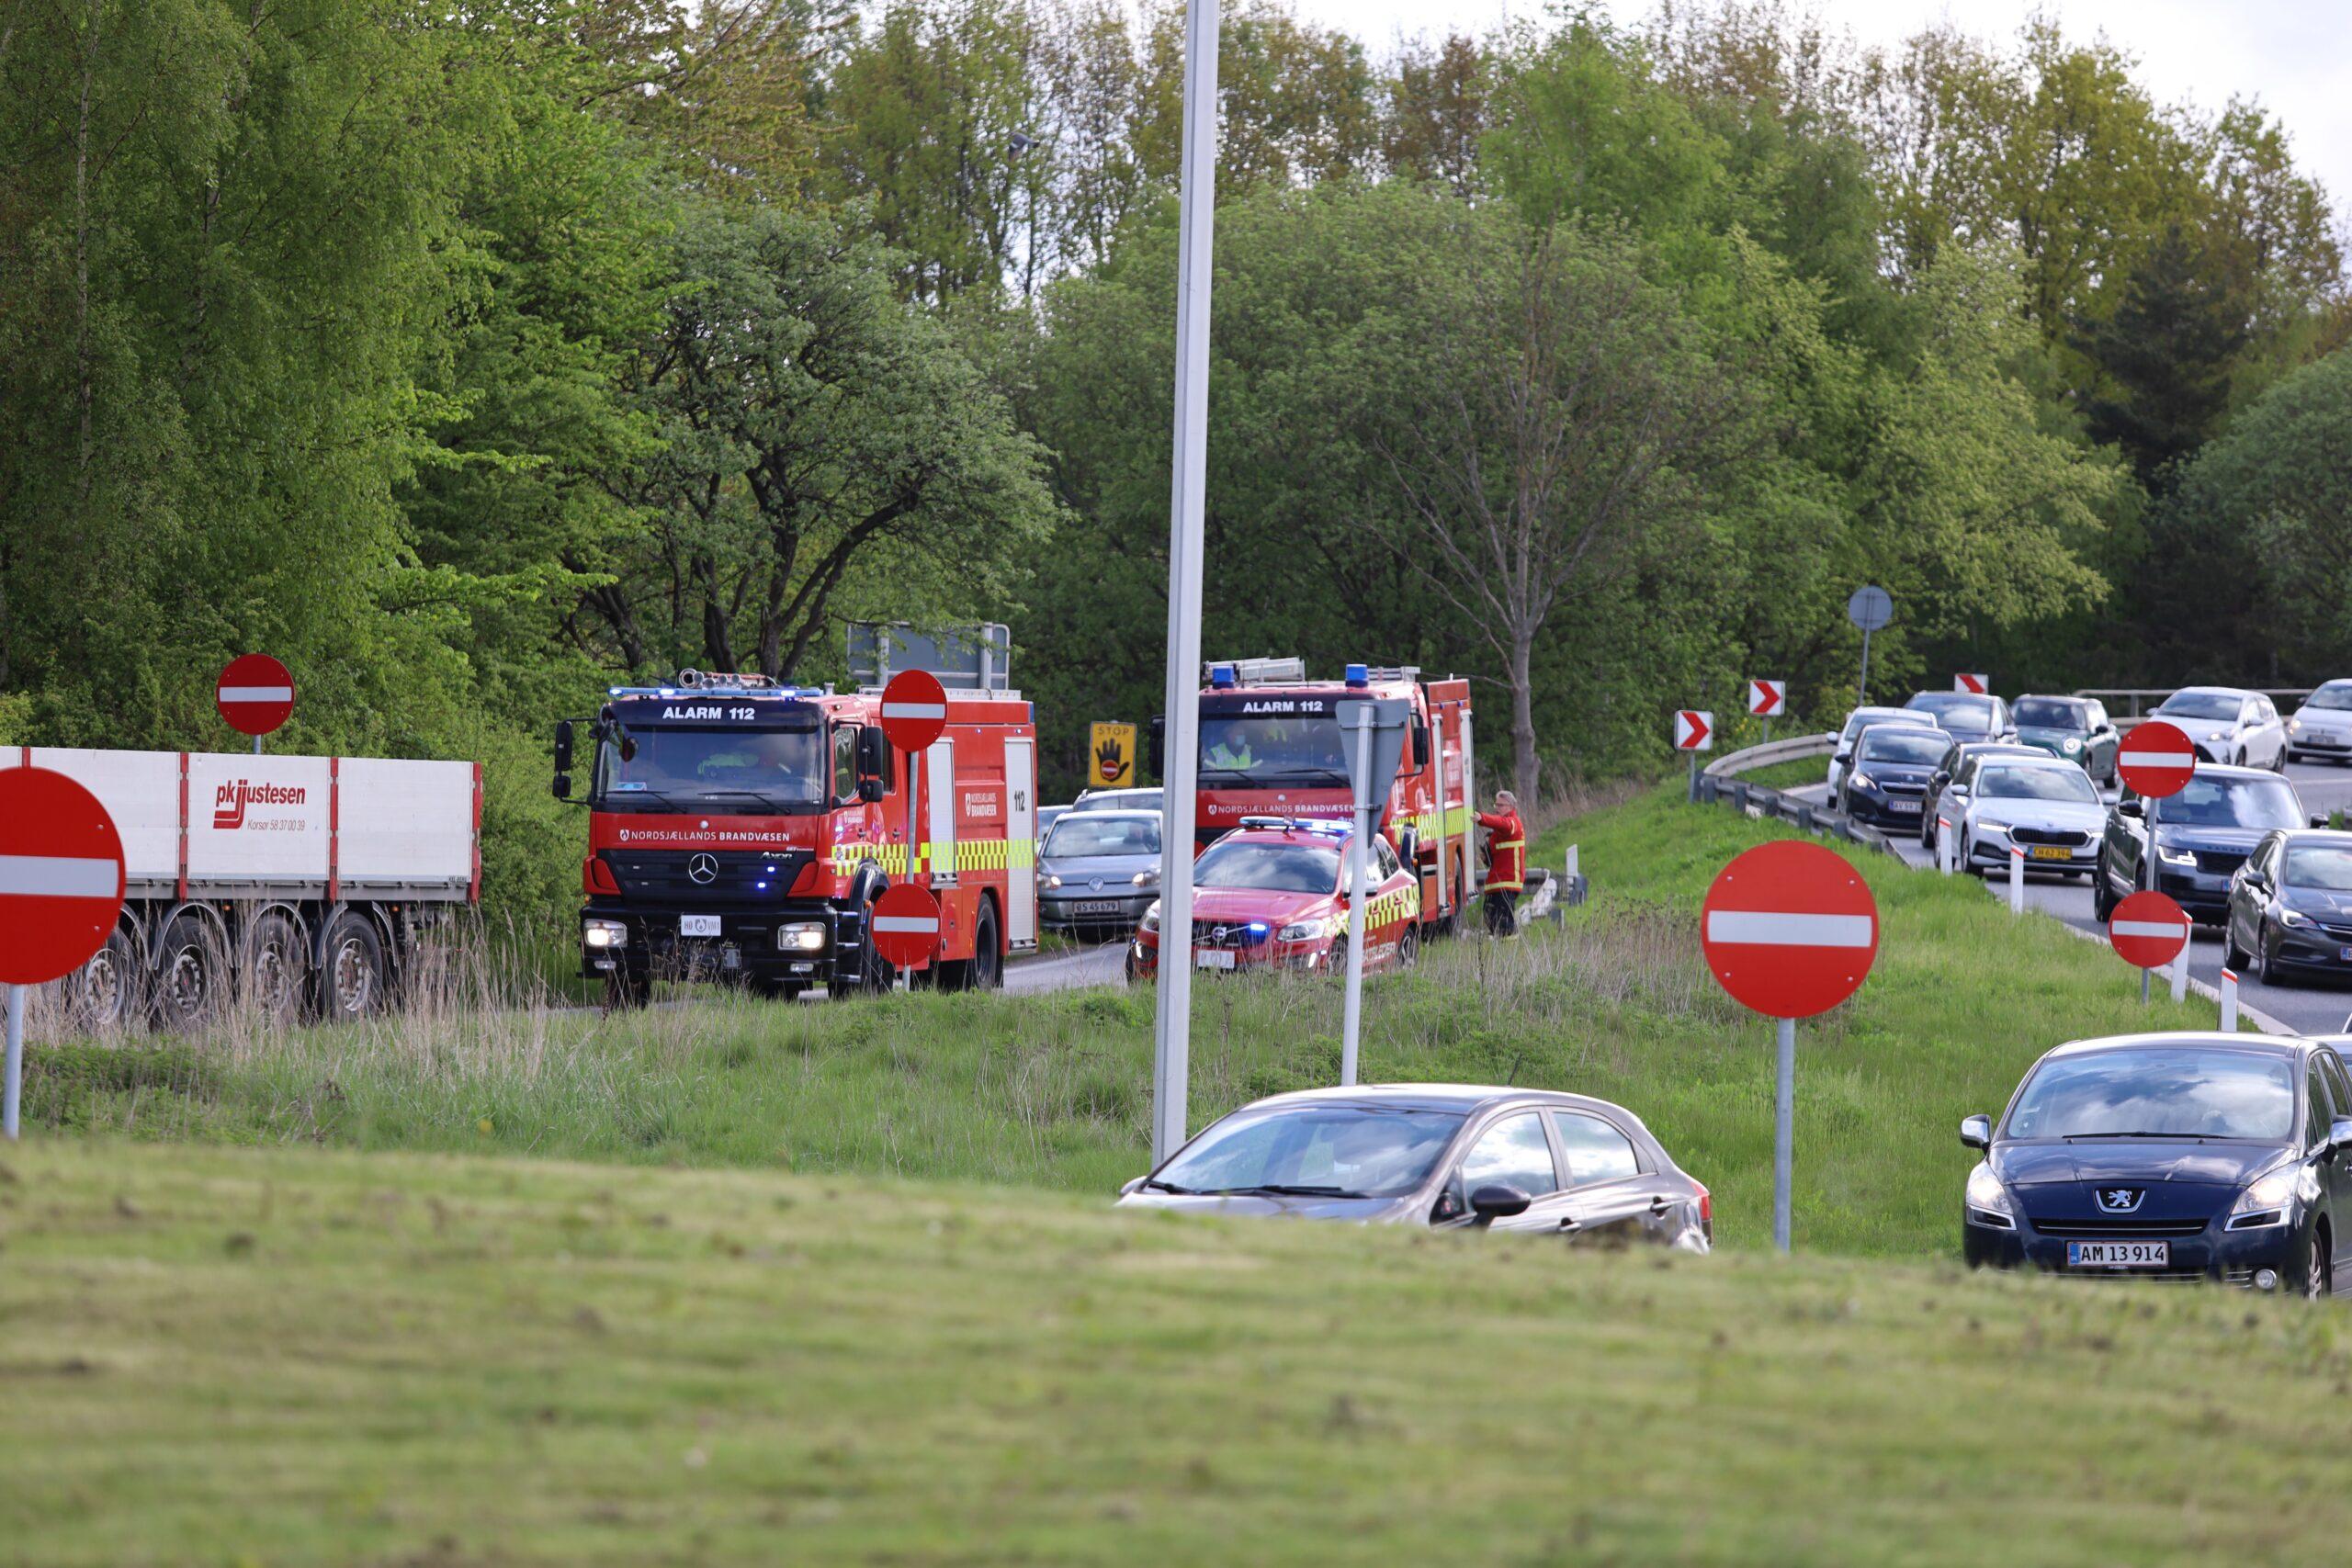 Færdselsuheld ved afkørslen Isterød fra Helsingør motorvejen